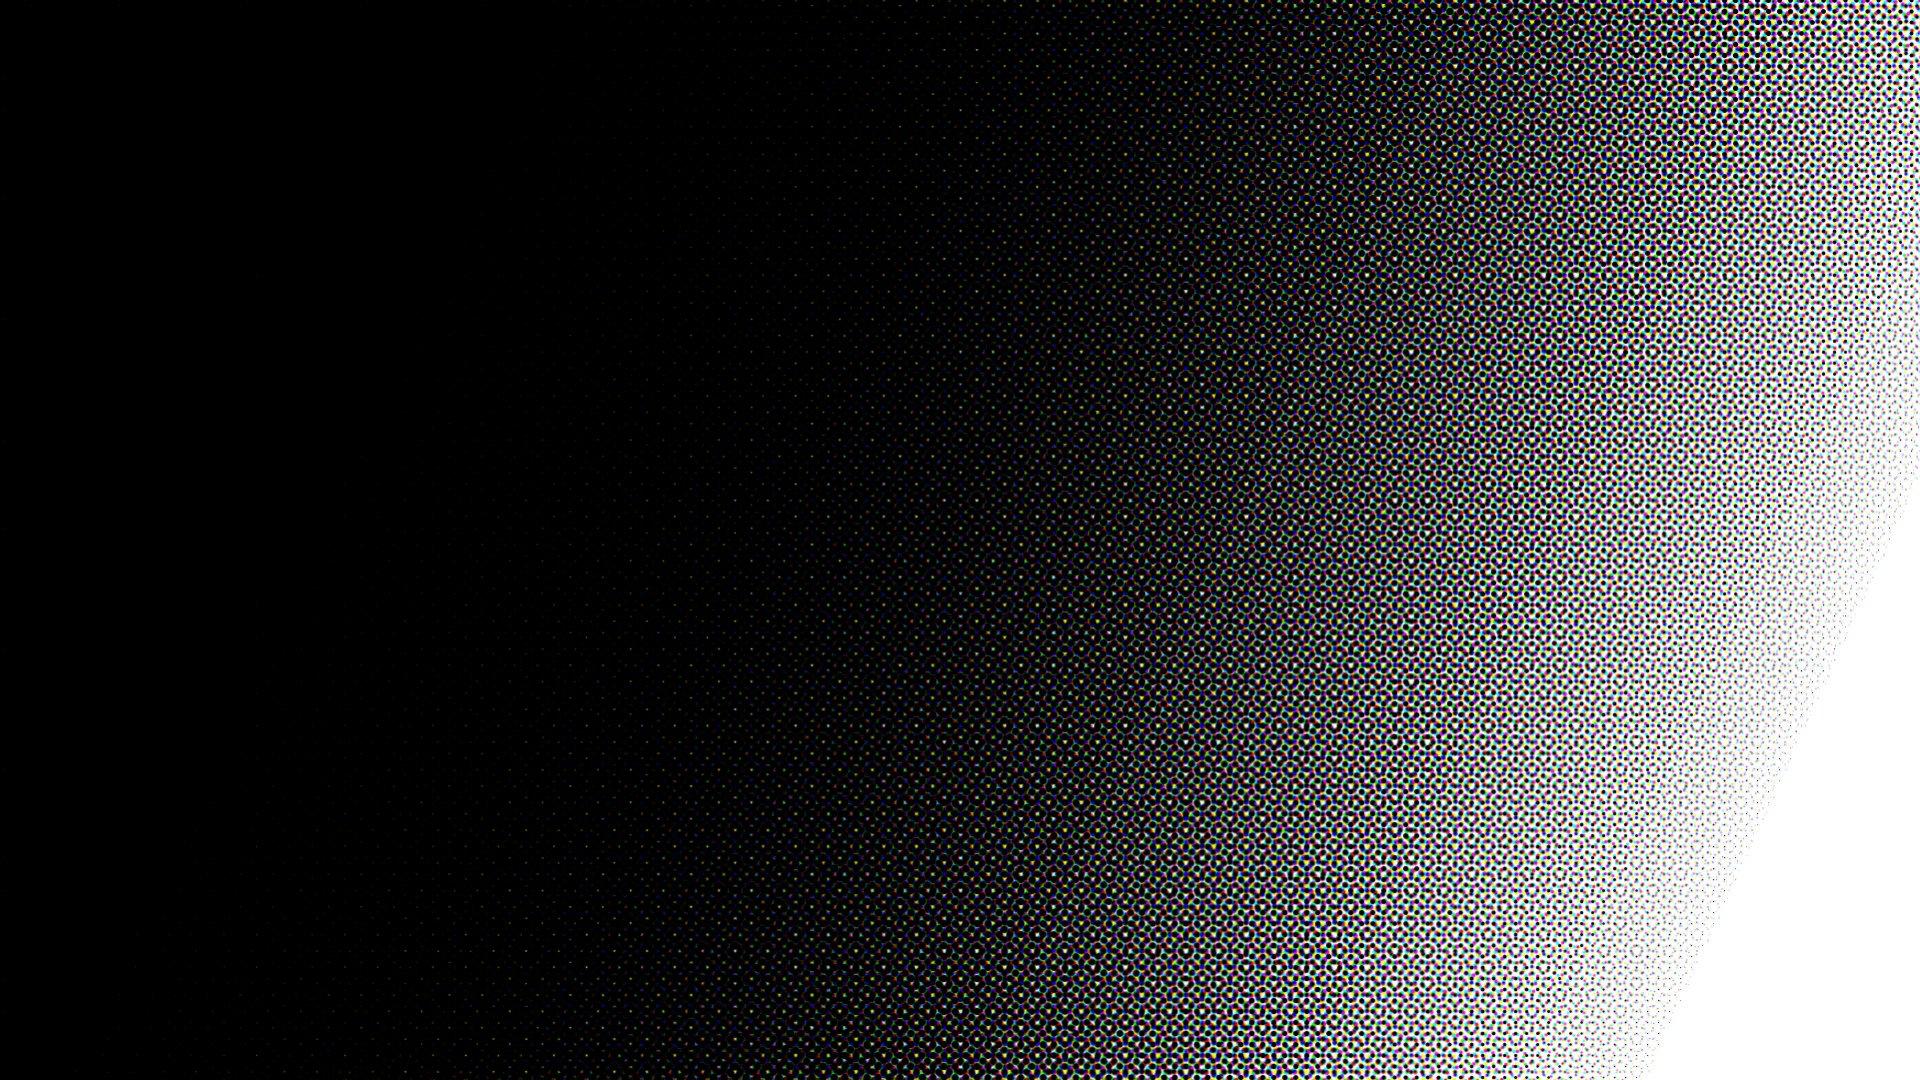 壁紙 シンプルな白い壁紙 19x1080 Wallpapertip